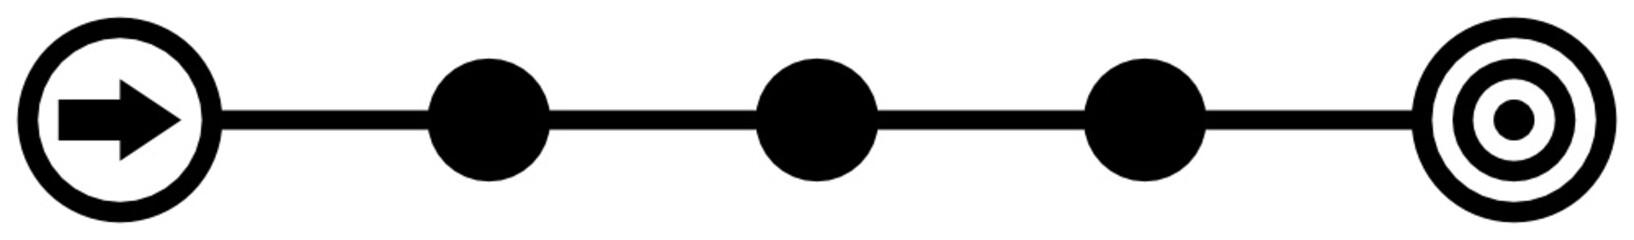 Start - Zwischenziele - Ziel